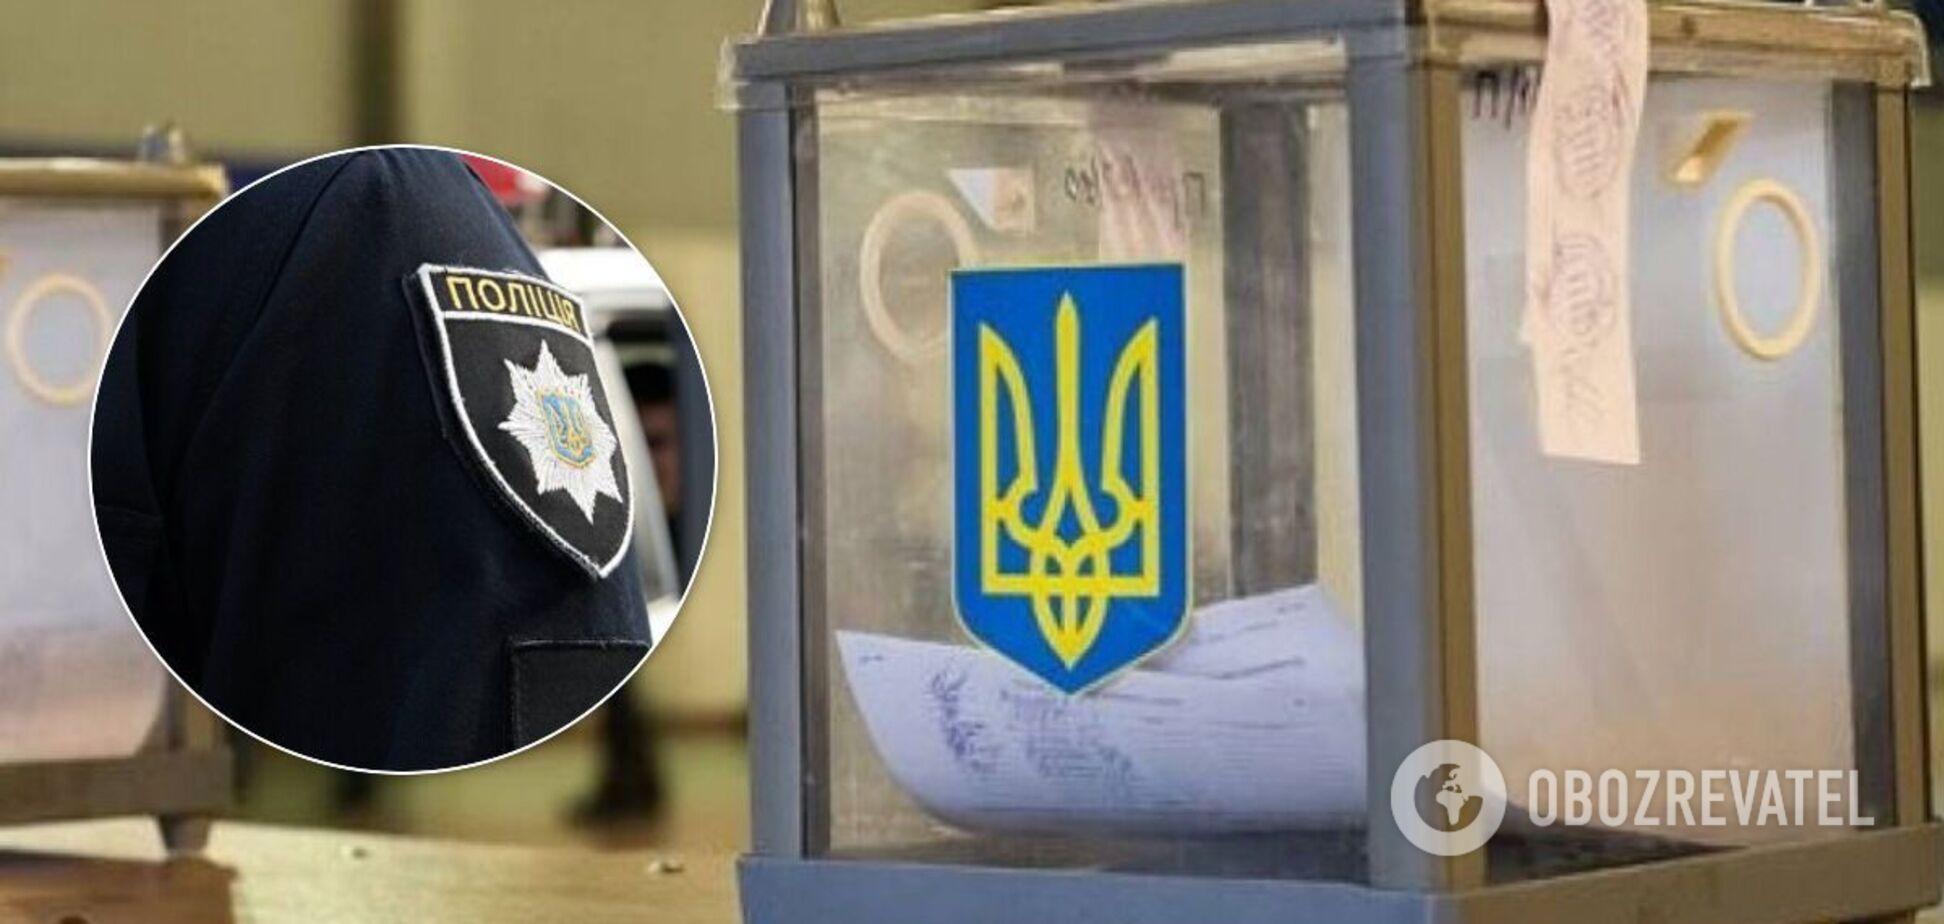 ЦВК оголосила явку на виборах в трьох містах